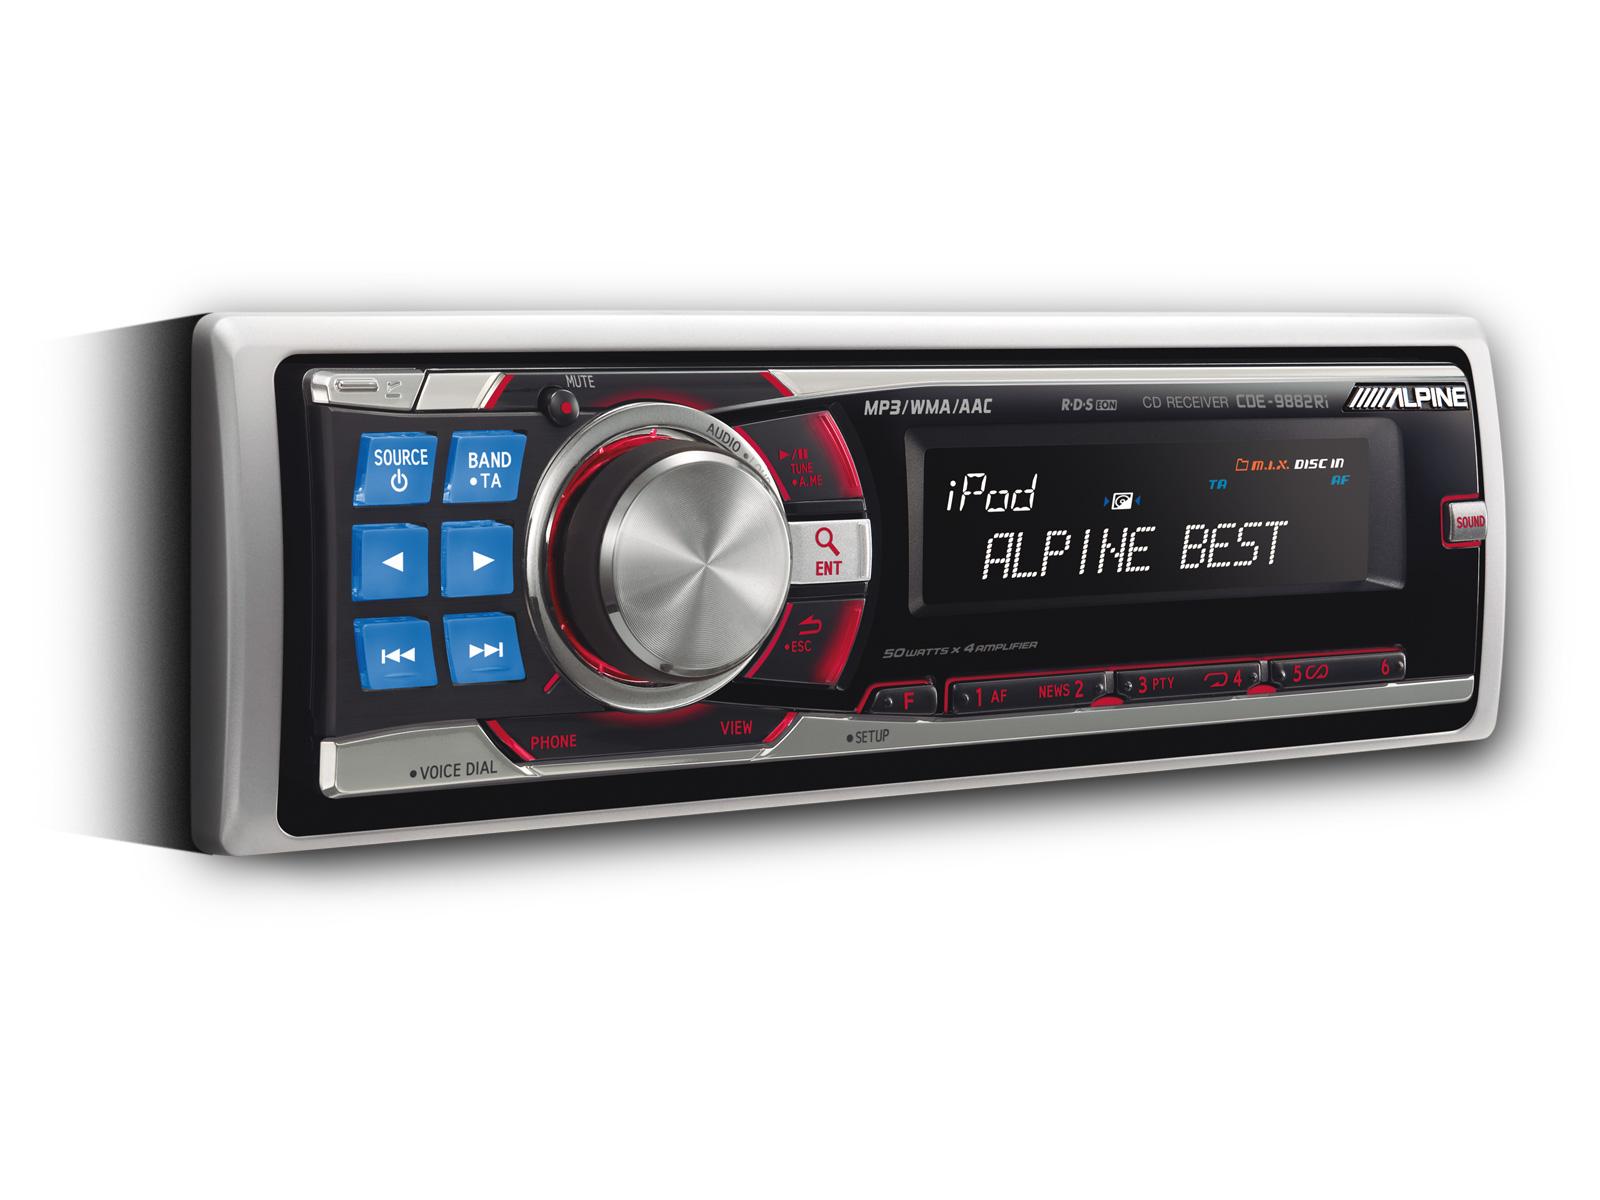 CD-RECEIVER / USB UND iPod® STEUERUNG - Alpine - CDE-9882Ri